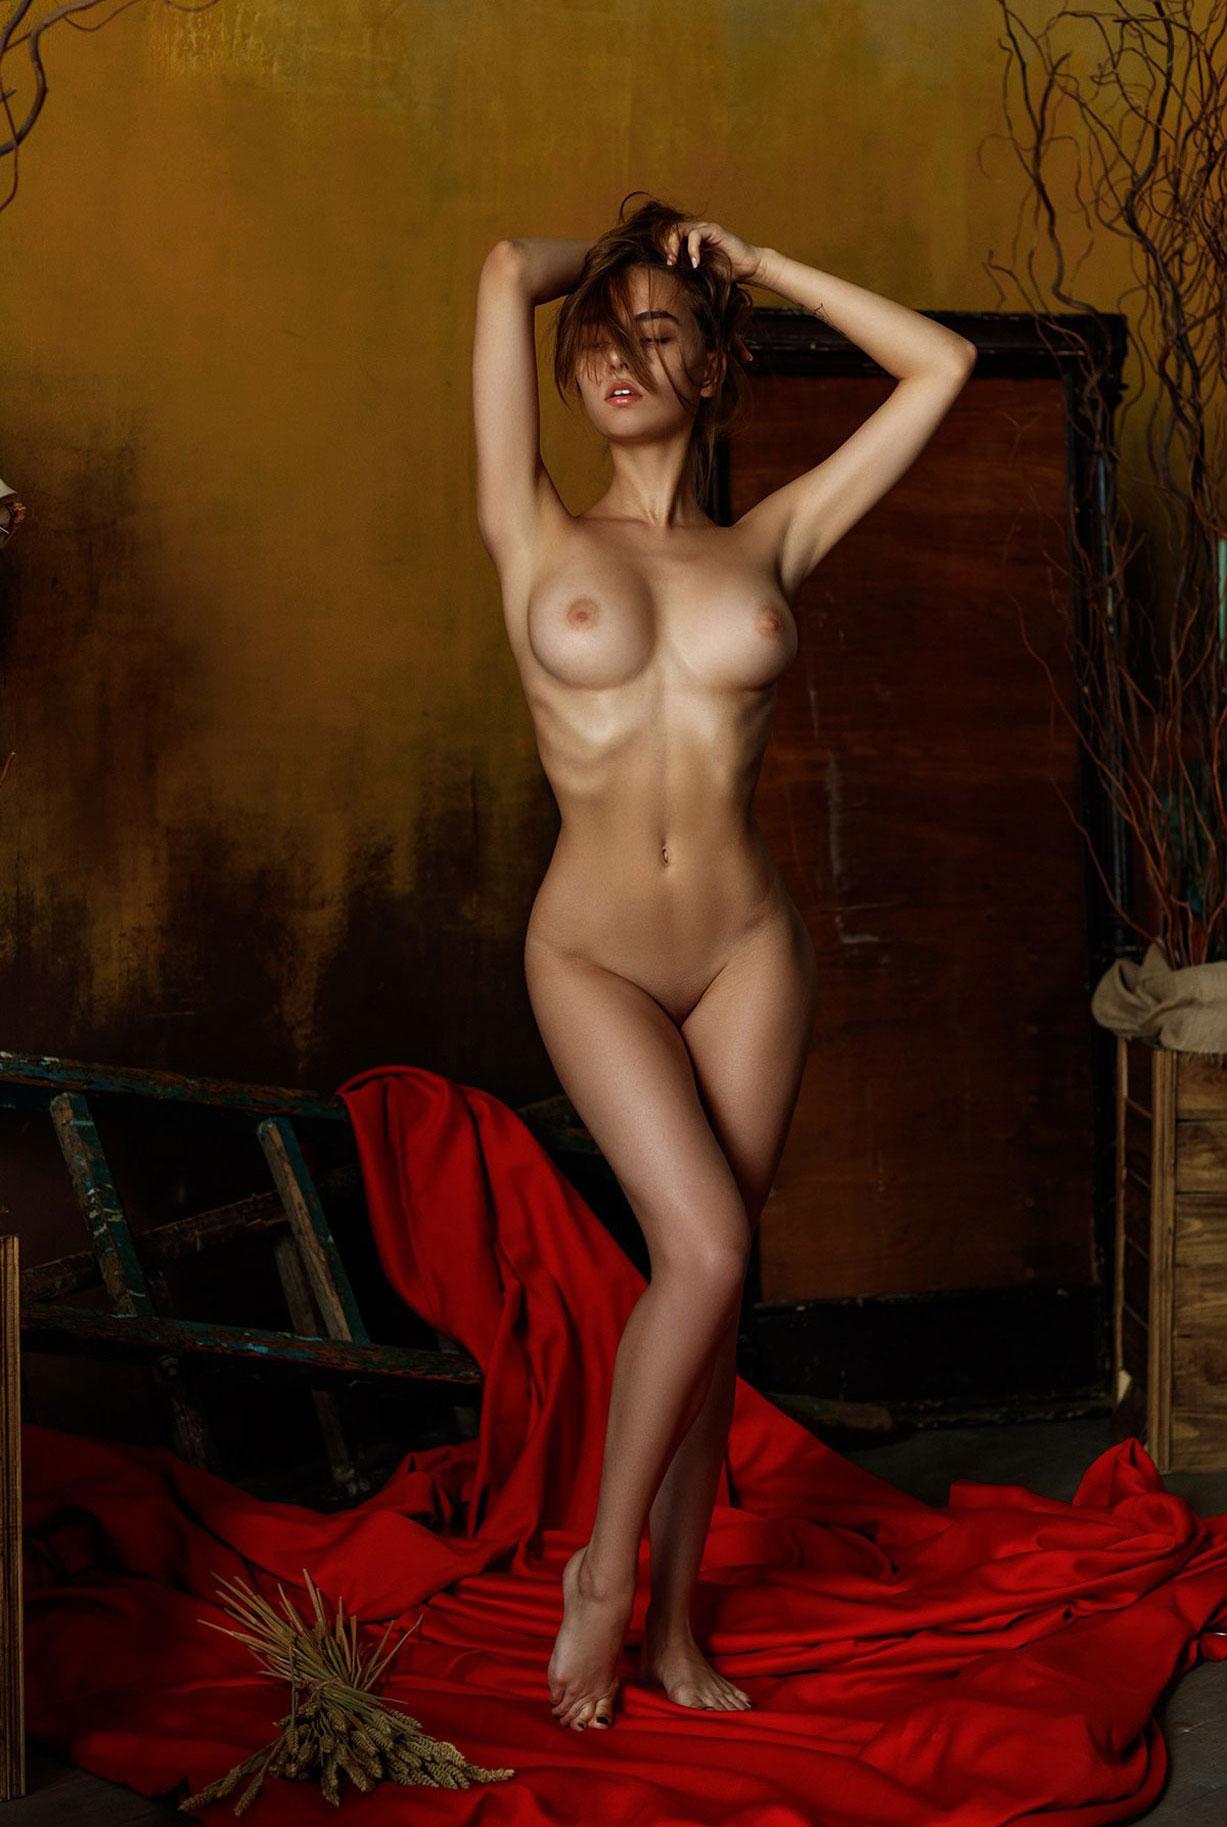 подборка фотографий сексуальных голых девушек - Екатерина Айвaзoвa (Пoдбepeзнaя) / Kateryna Ауvаzоvа